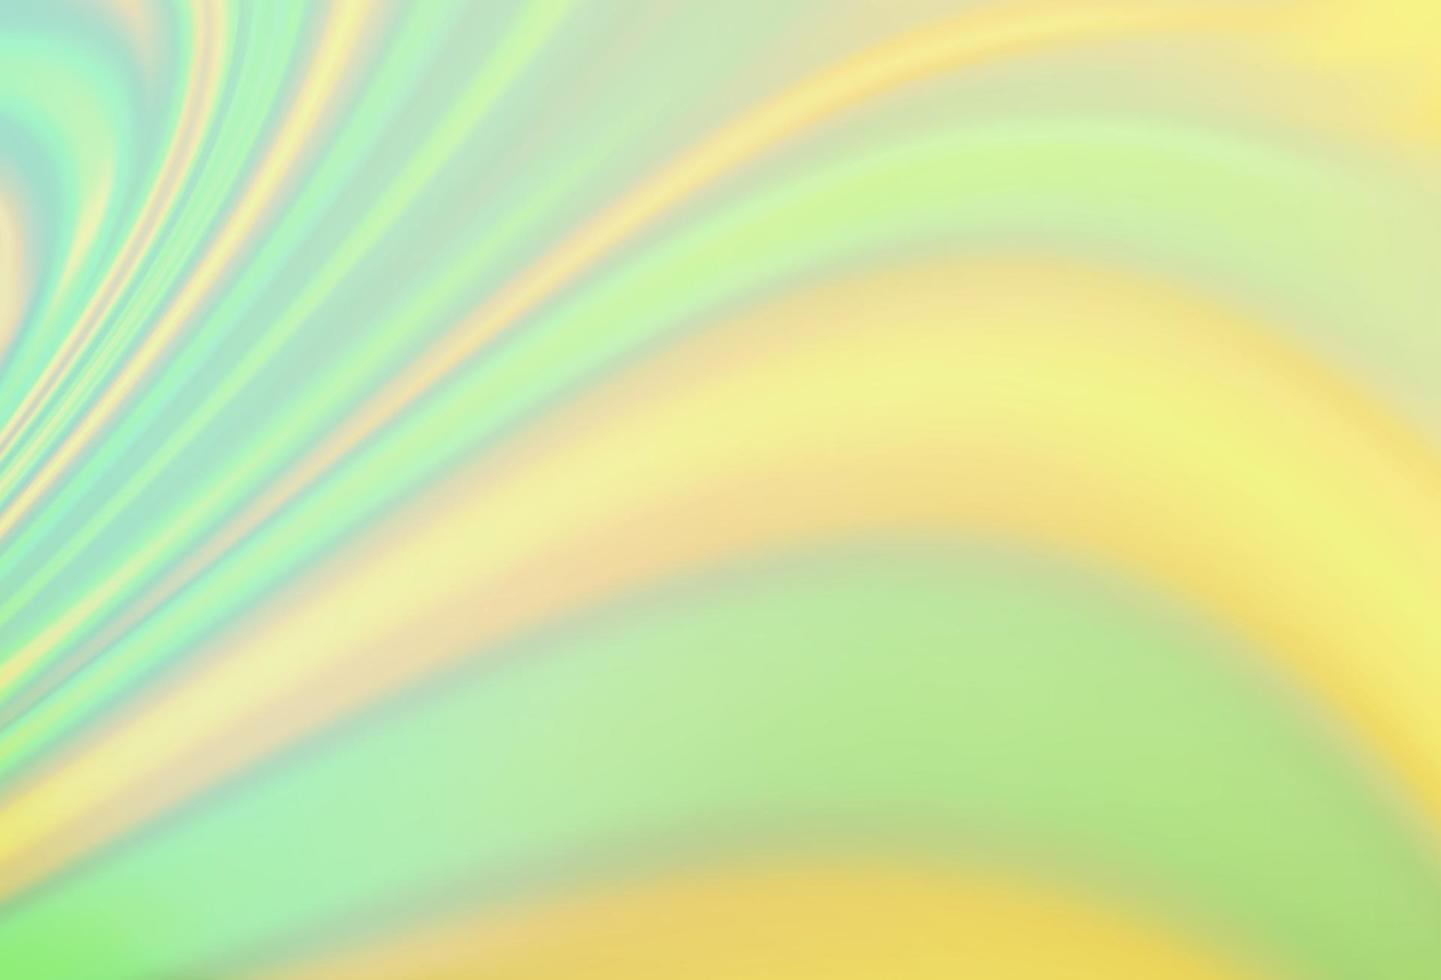 de fundo vector verde e amarelo claro com linhas dobradas.